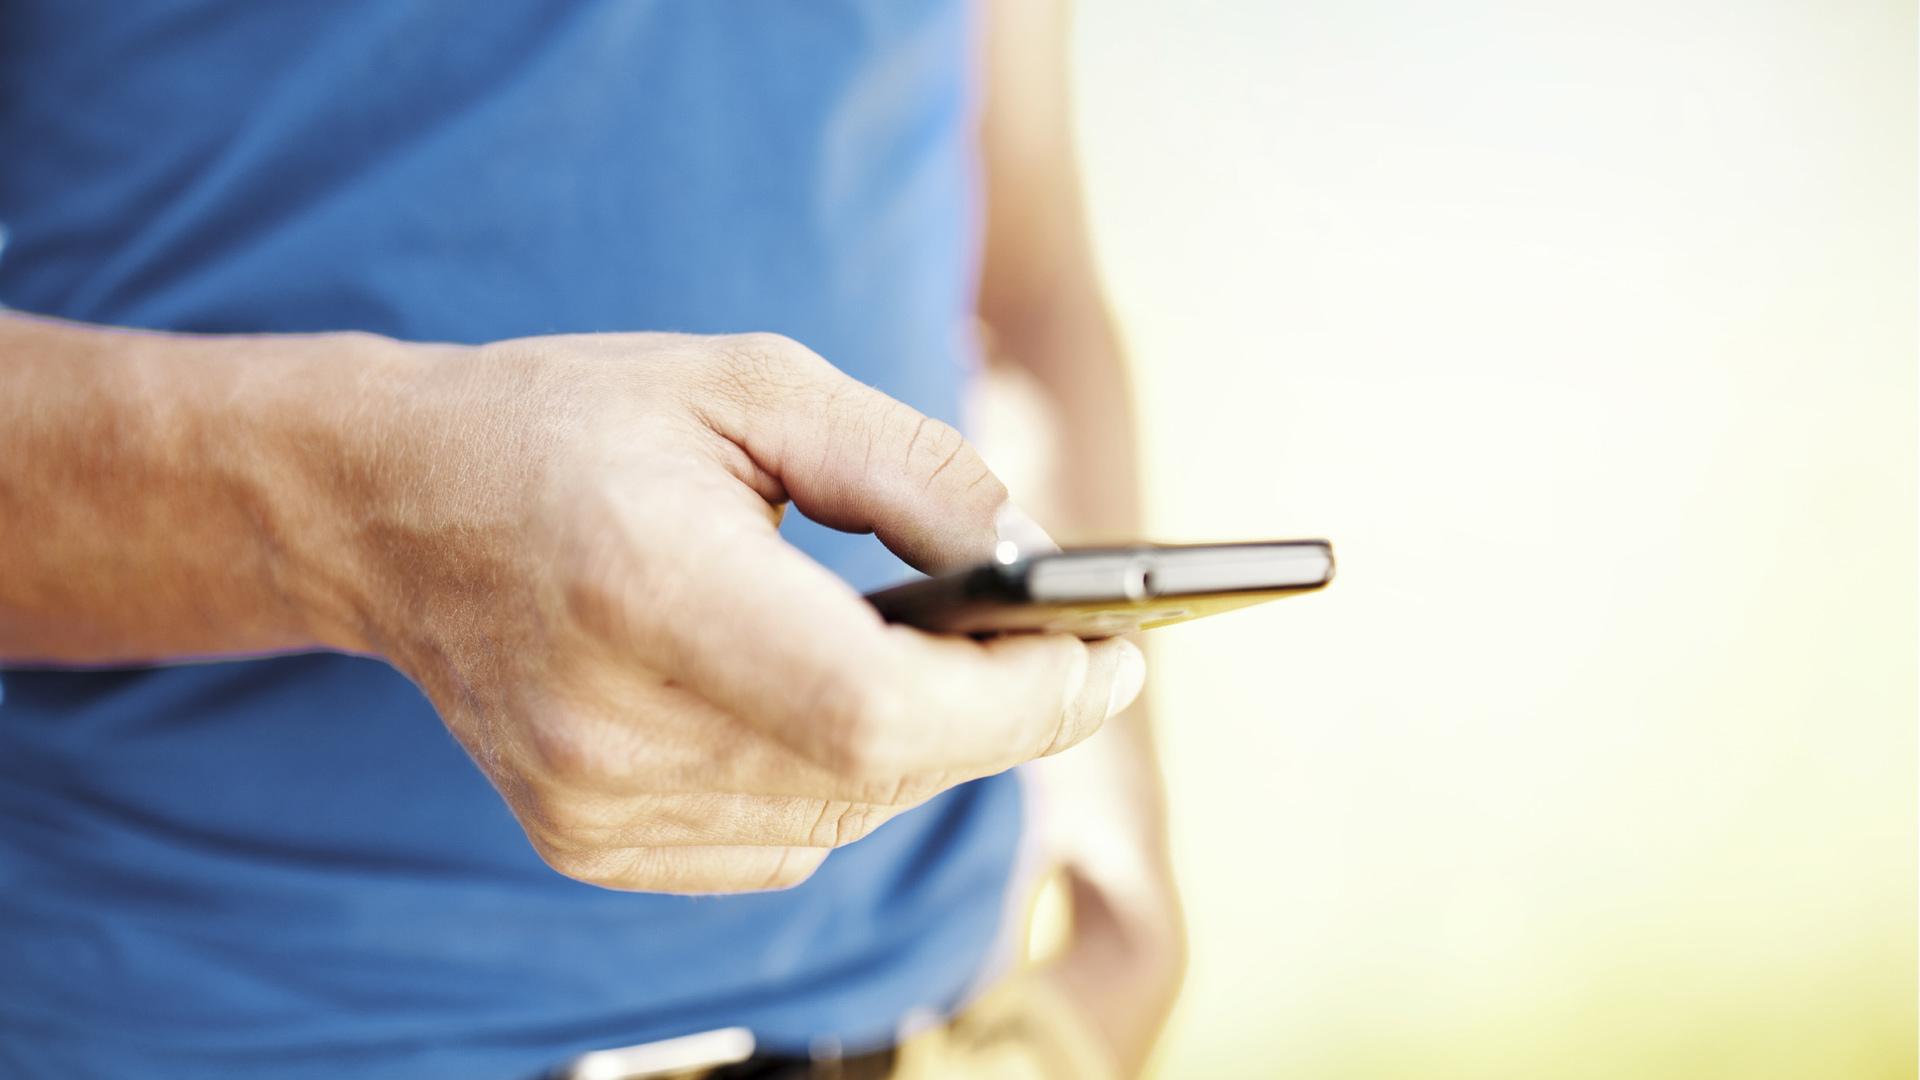 La aplicación móvil destruye los mensajes en el dispositivo emisor y receptor